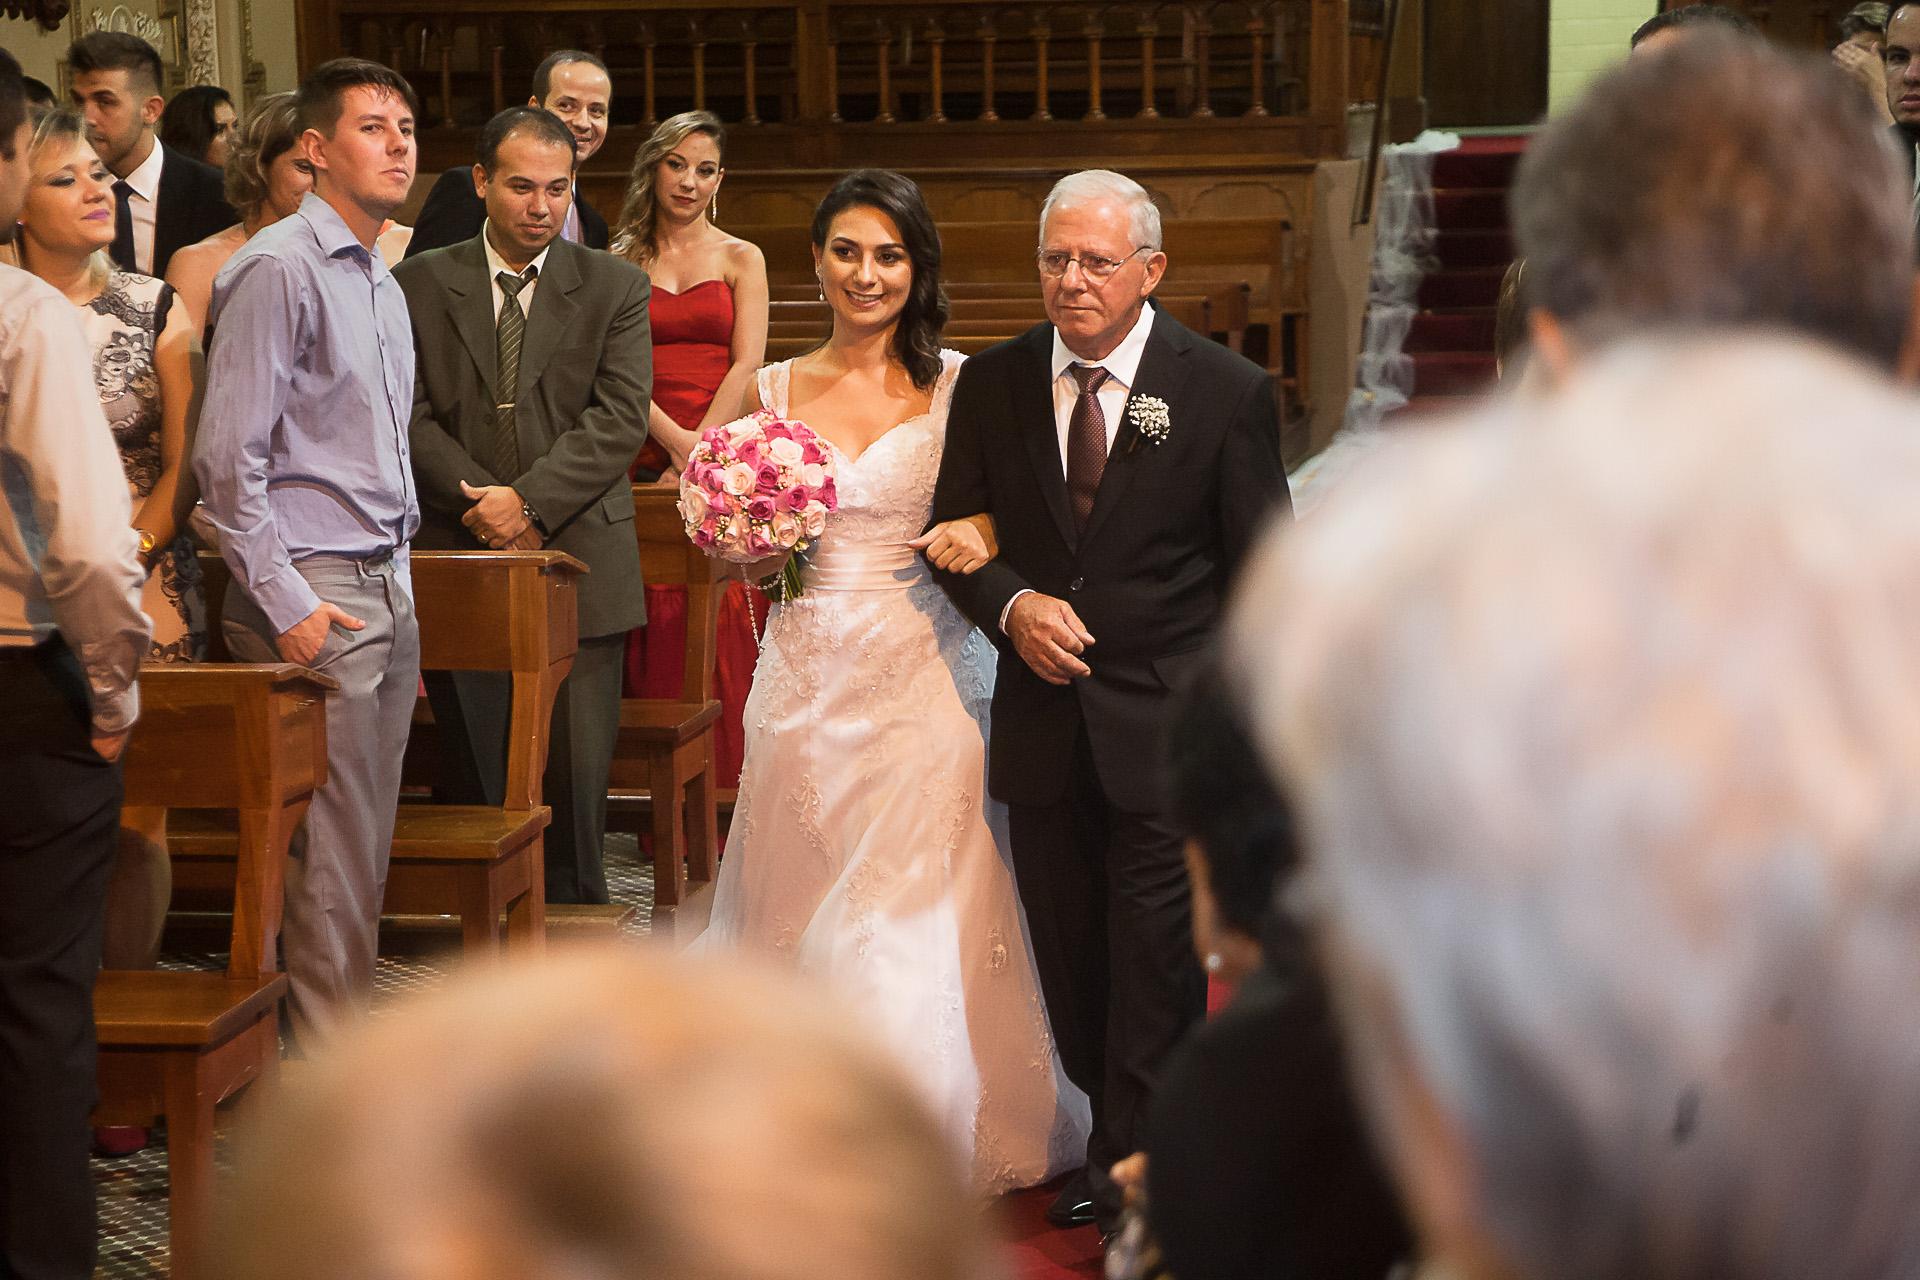 fotografo de casamento-31